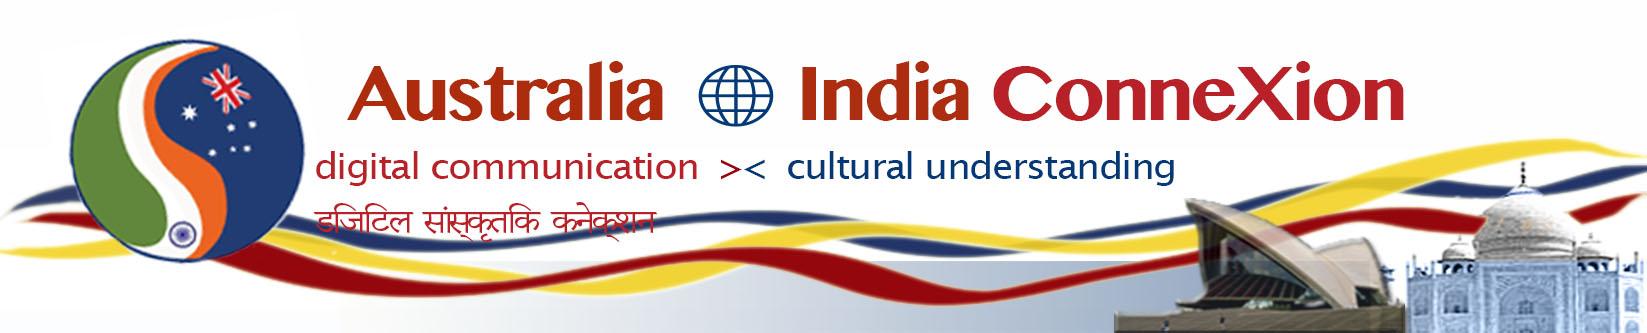 Australia-India ConneXions